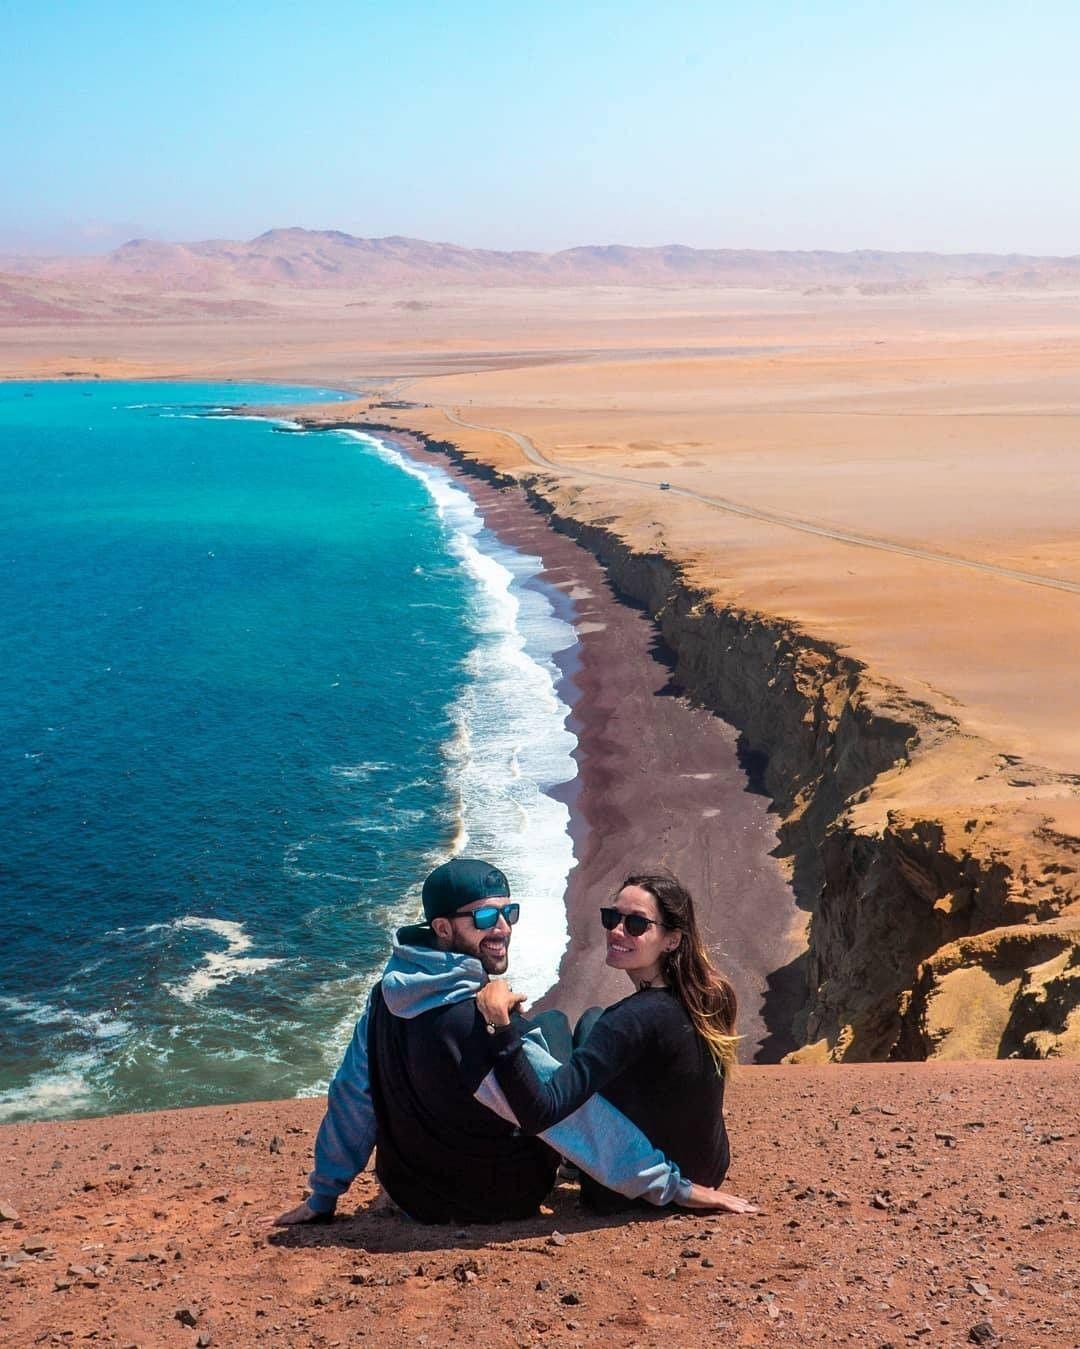 Beach Resorts In Peru The Best Options